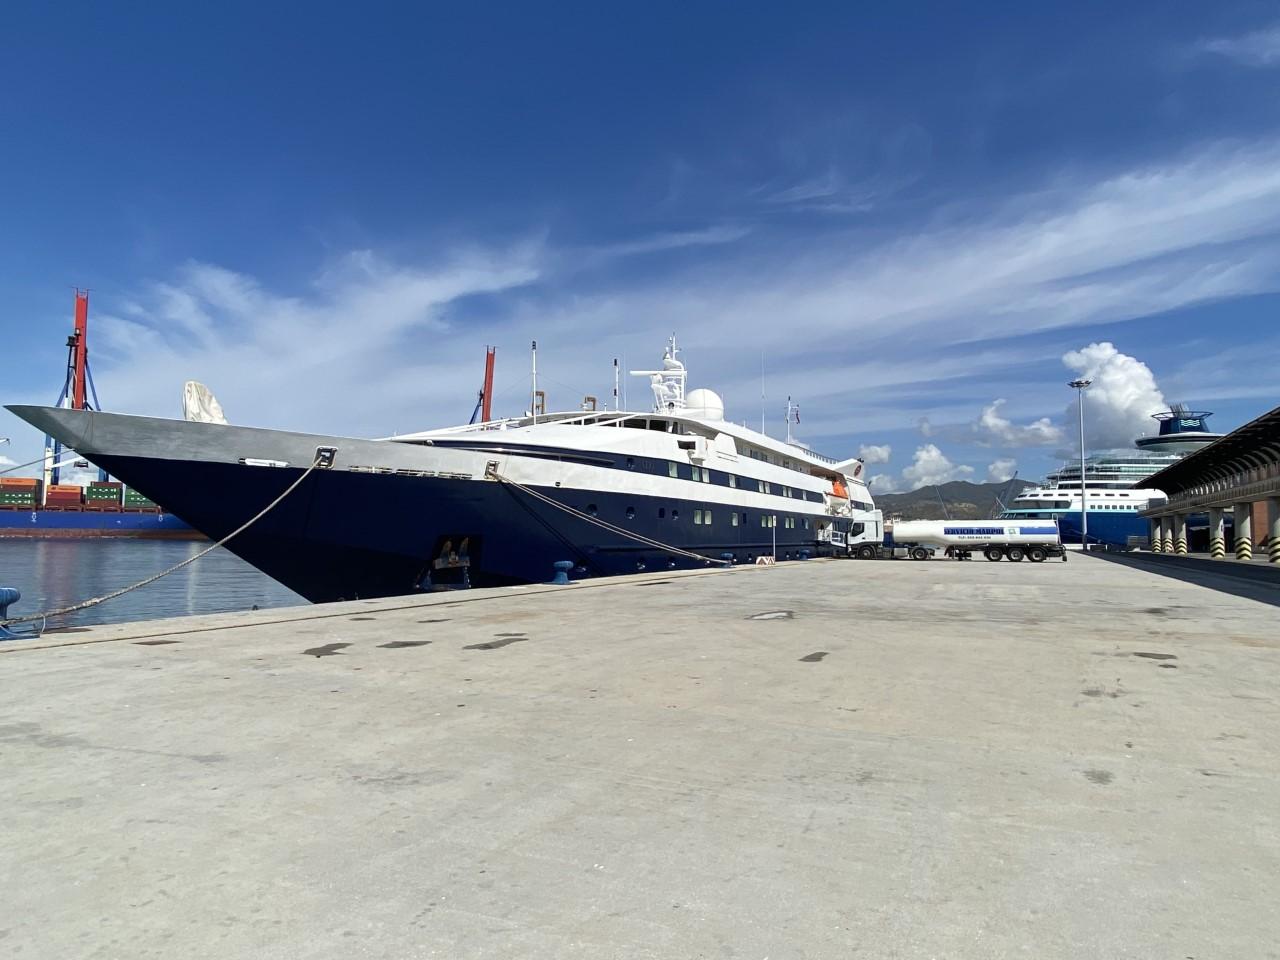 El buque de crucero 'CLIO' atraca en el Puerto de Málaga con un permiso especial